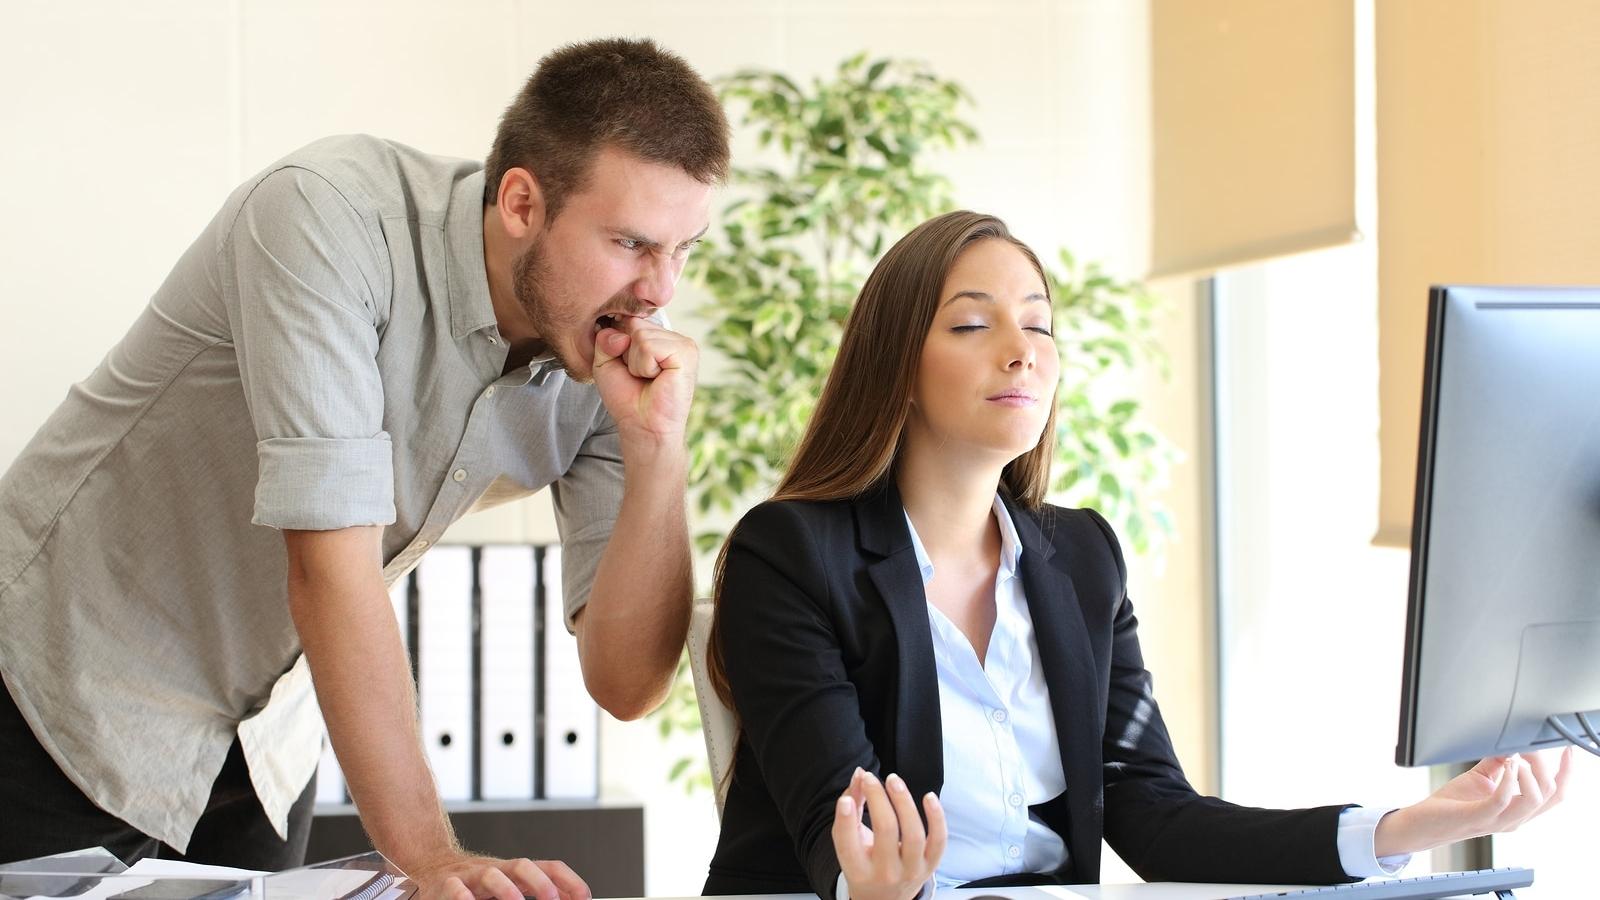 Cách đối phó với đồng nghiệp xấu tính